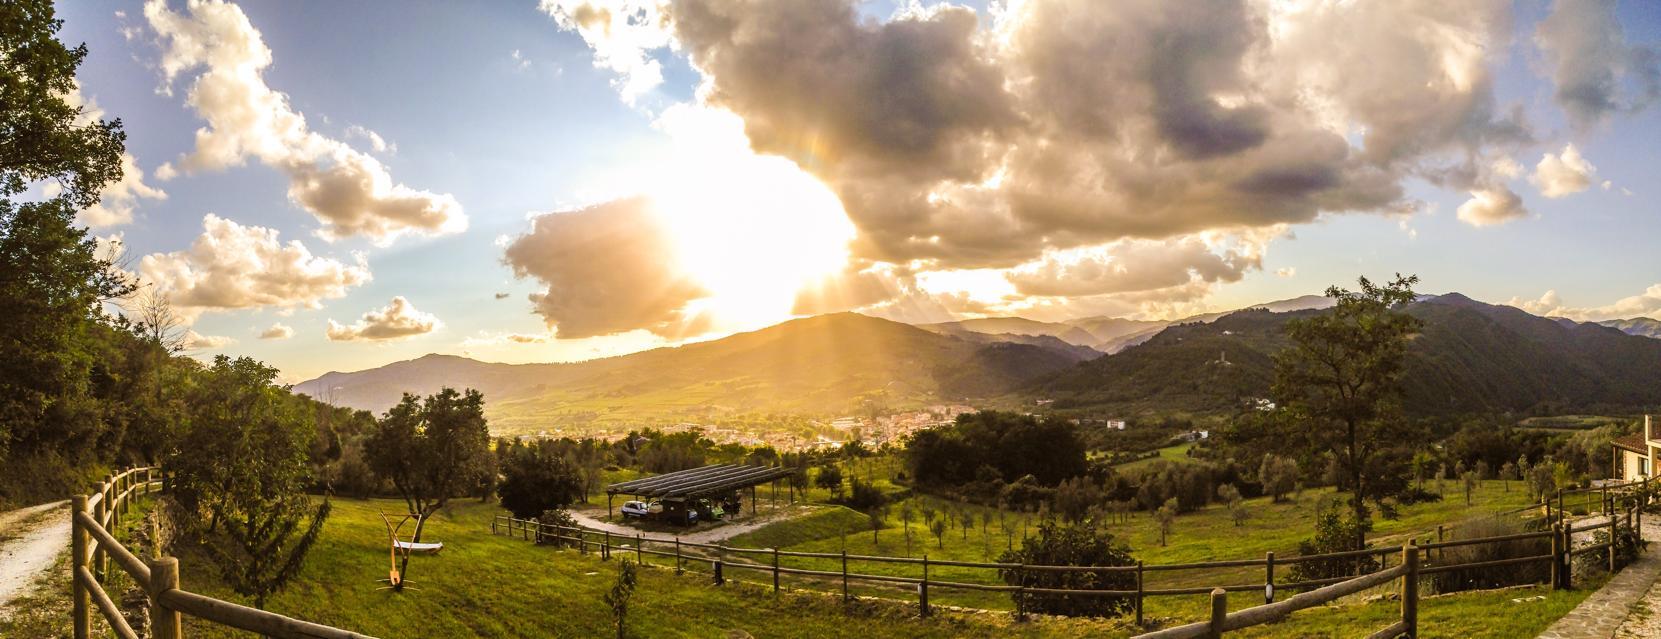 paesaggio del Chianti Rufina, dall'agriturismo La Fontaccia, vicino a Firenze